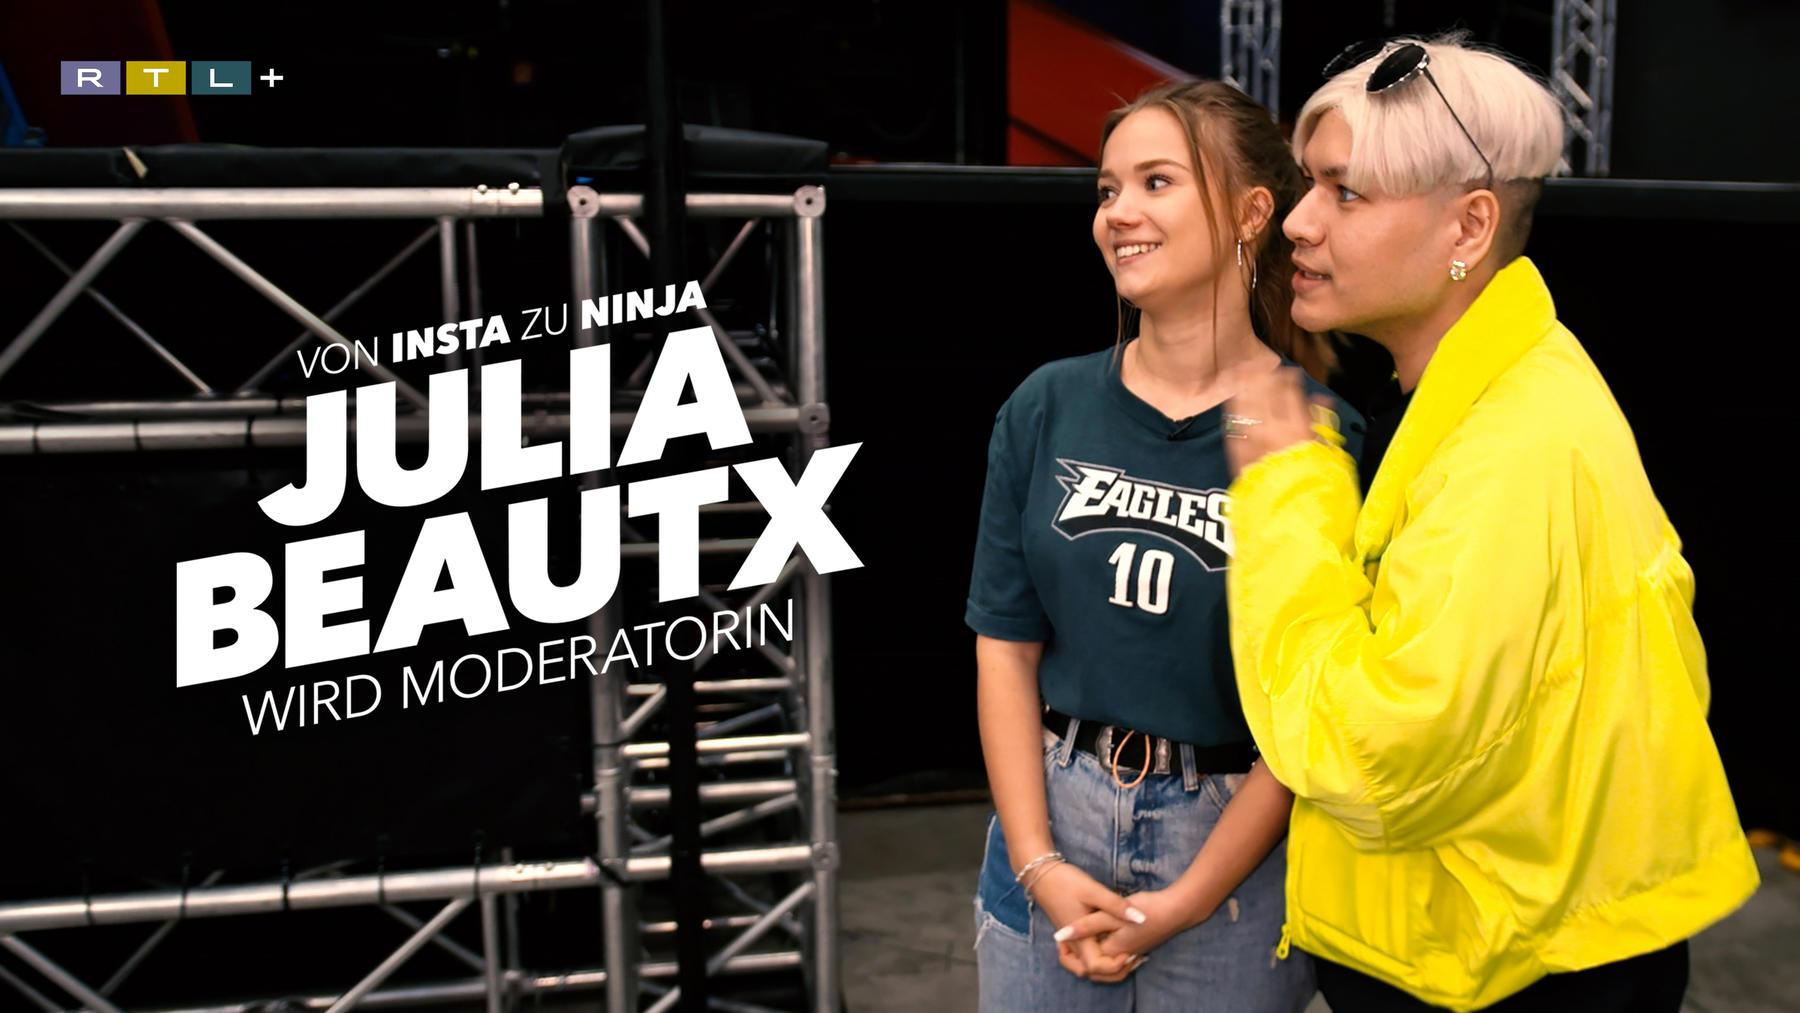 Von Insta zu Ninja - Julia Beautx wird Moderatorin